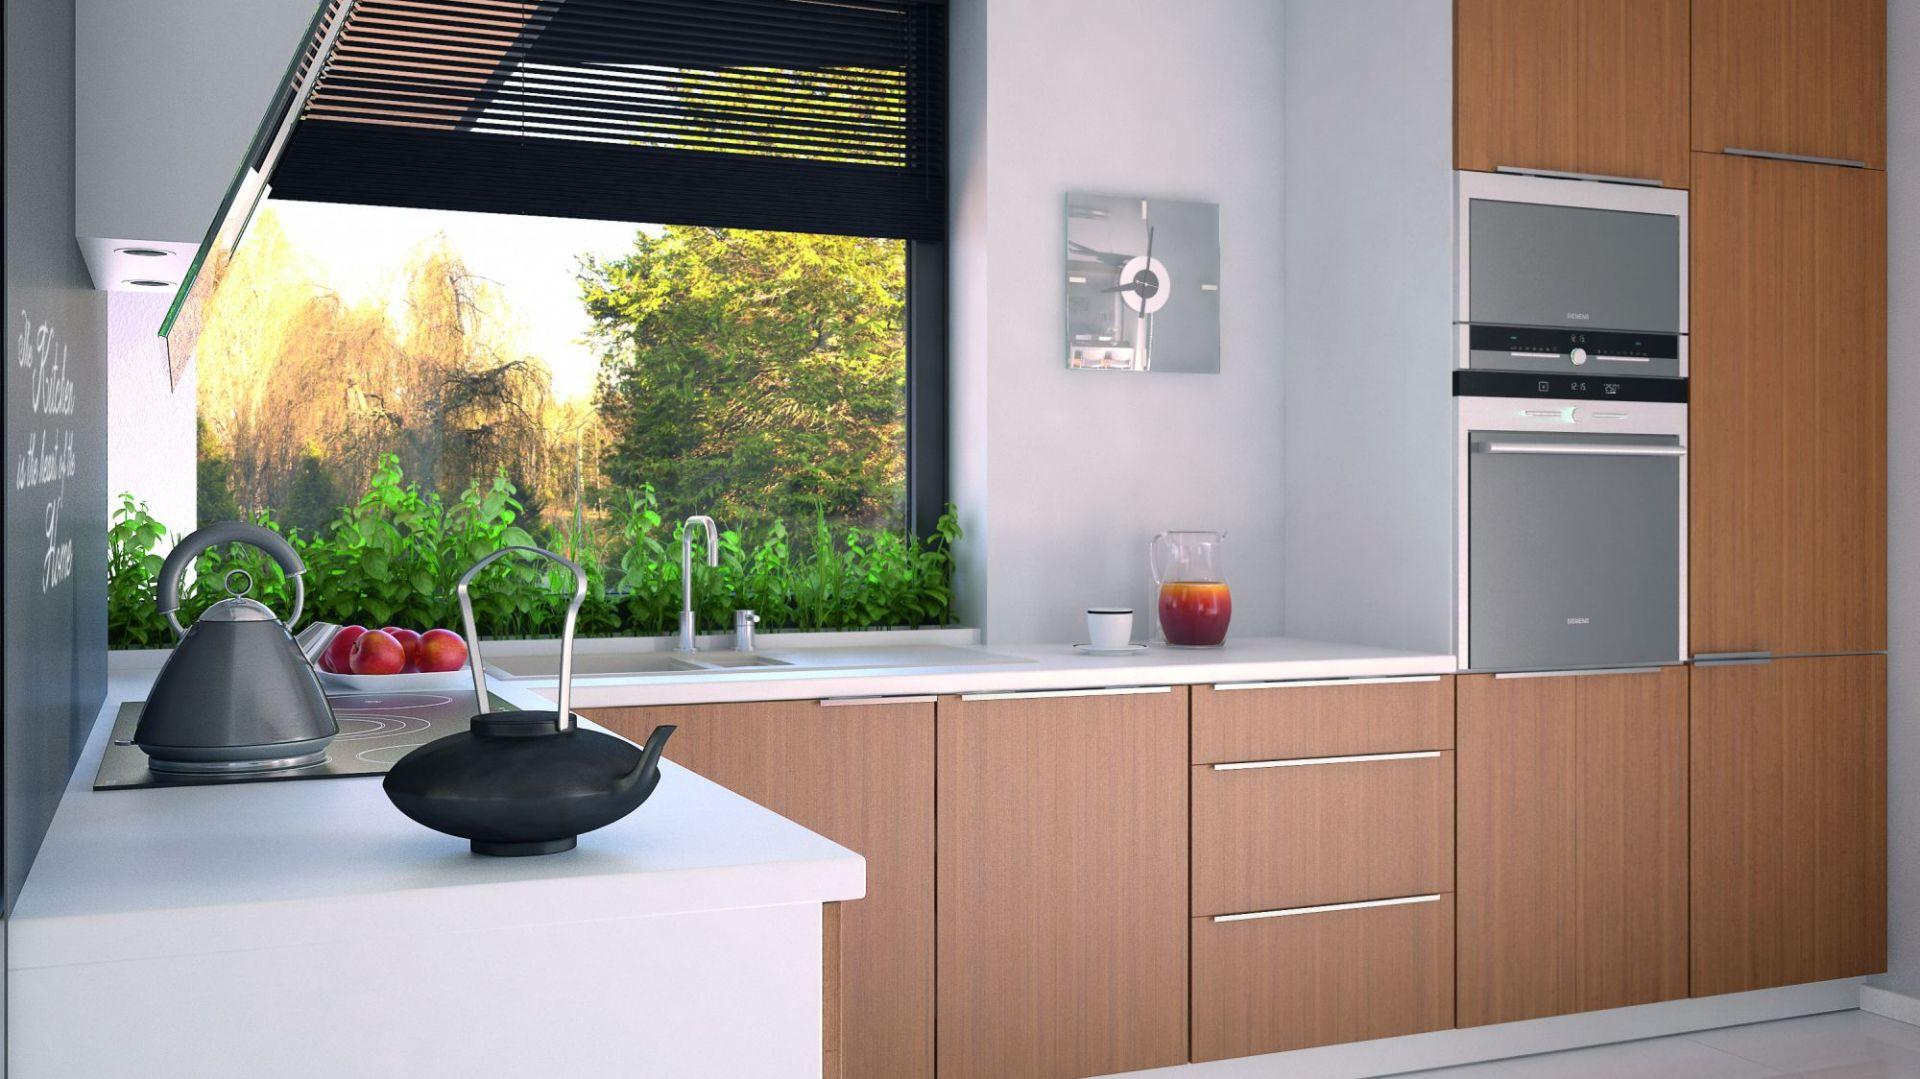 Jasna kuchnia ma  i ma modnie zaprojektowaną strefę zmywania pod oknem. Dom Umbra. Projekt: arch. Maciej Matłowski. Fot. Domy w Stylu